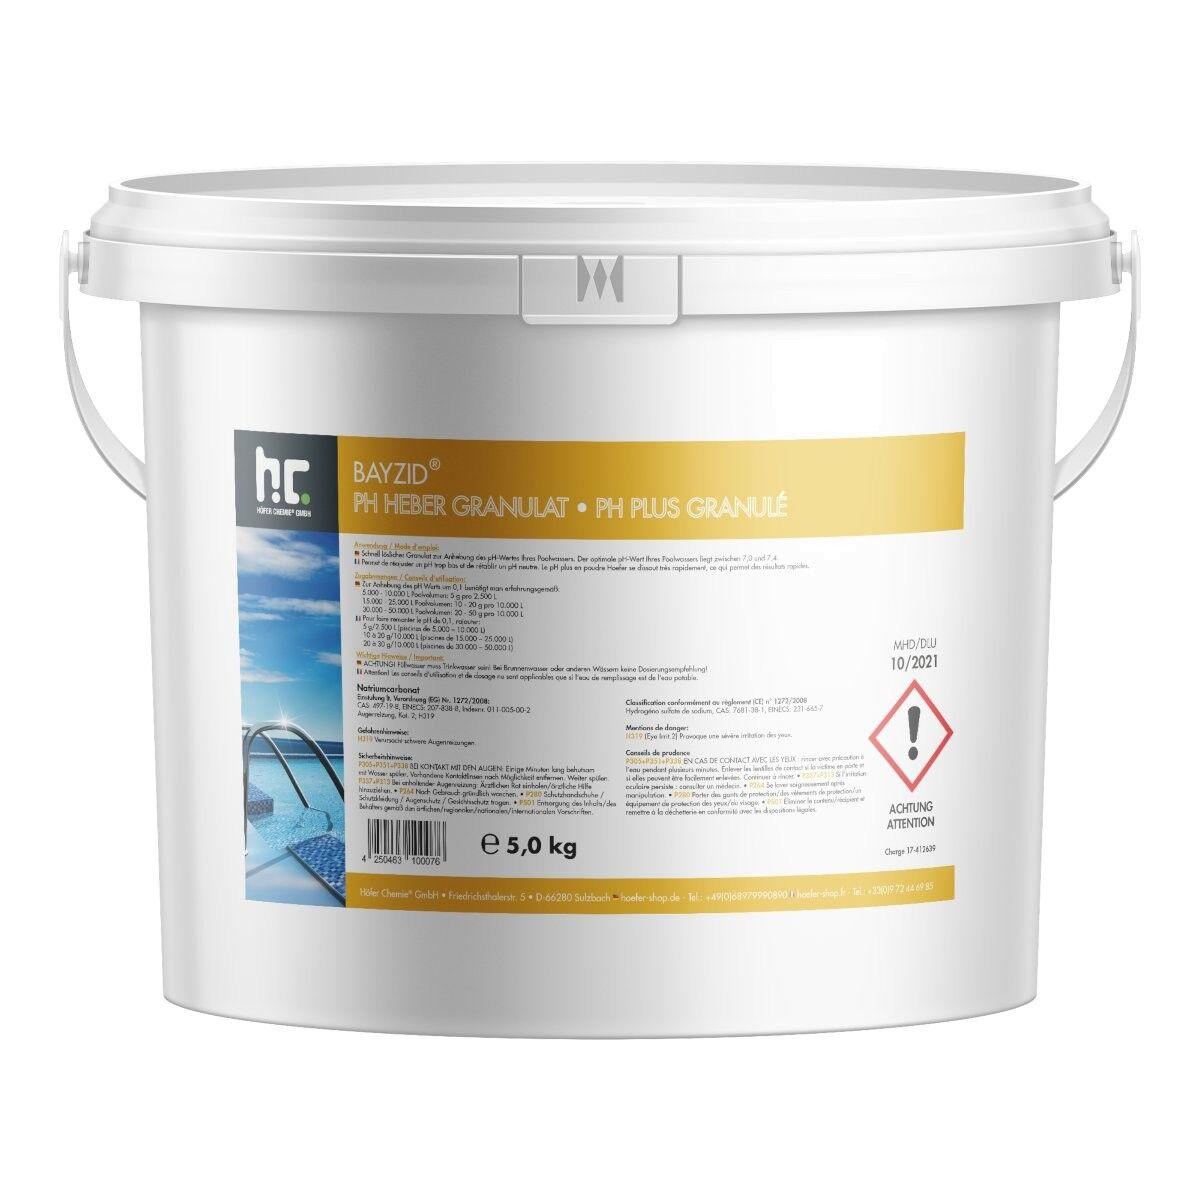 BAYZID 10 kg Bayzid® pH plus granulé (2 x 5 kg)